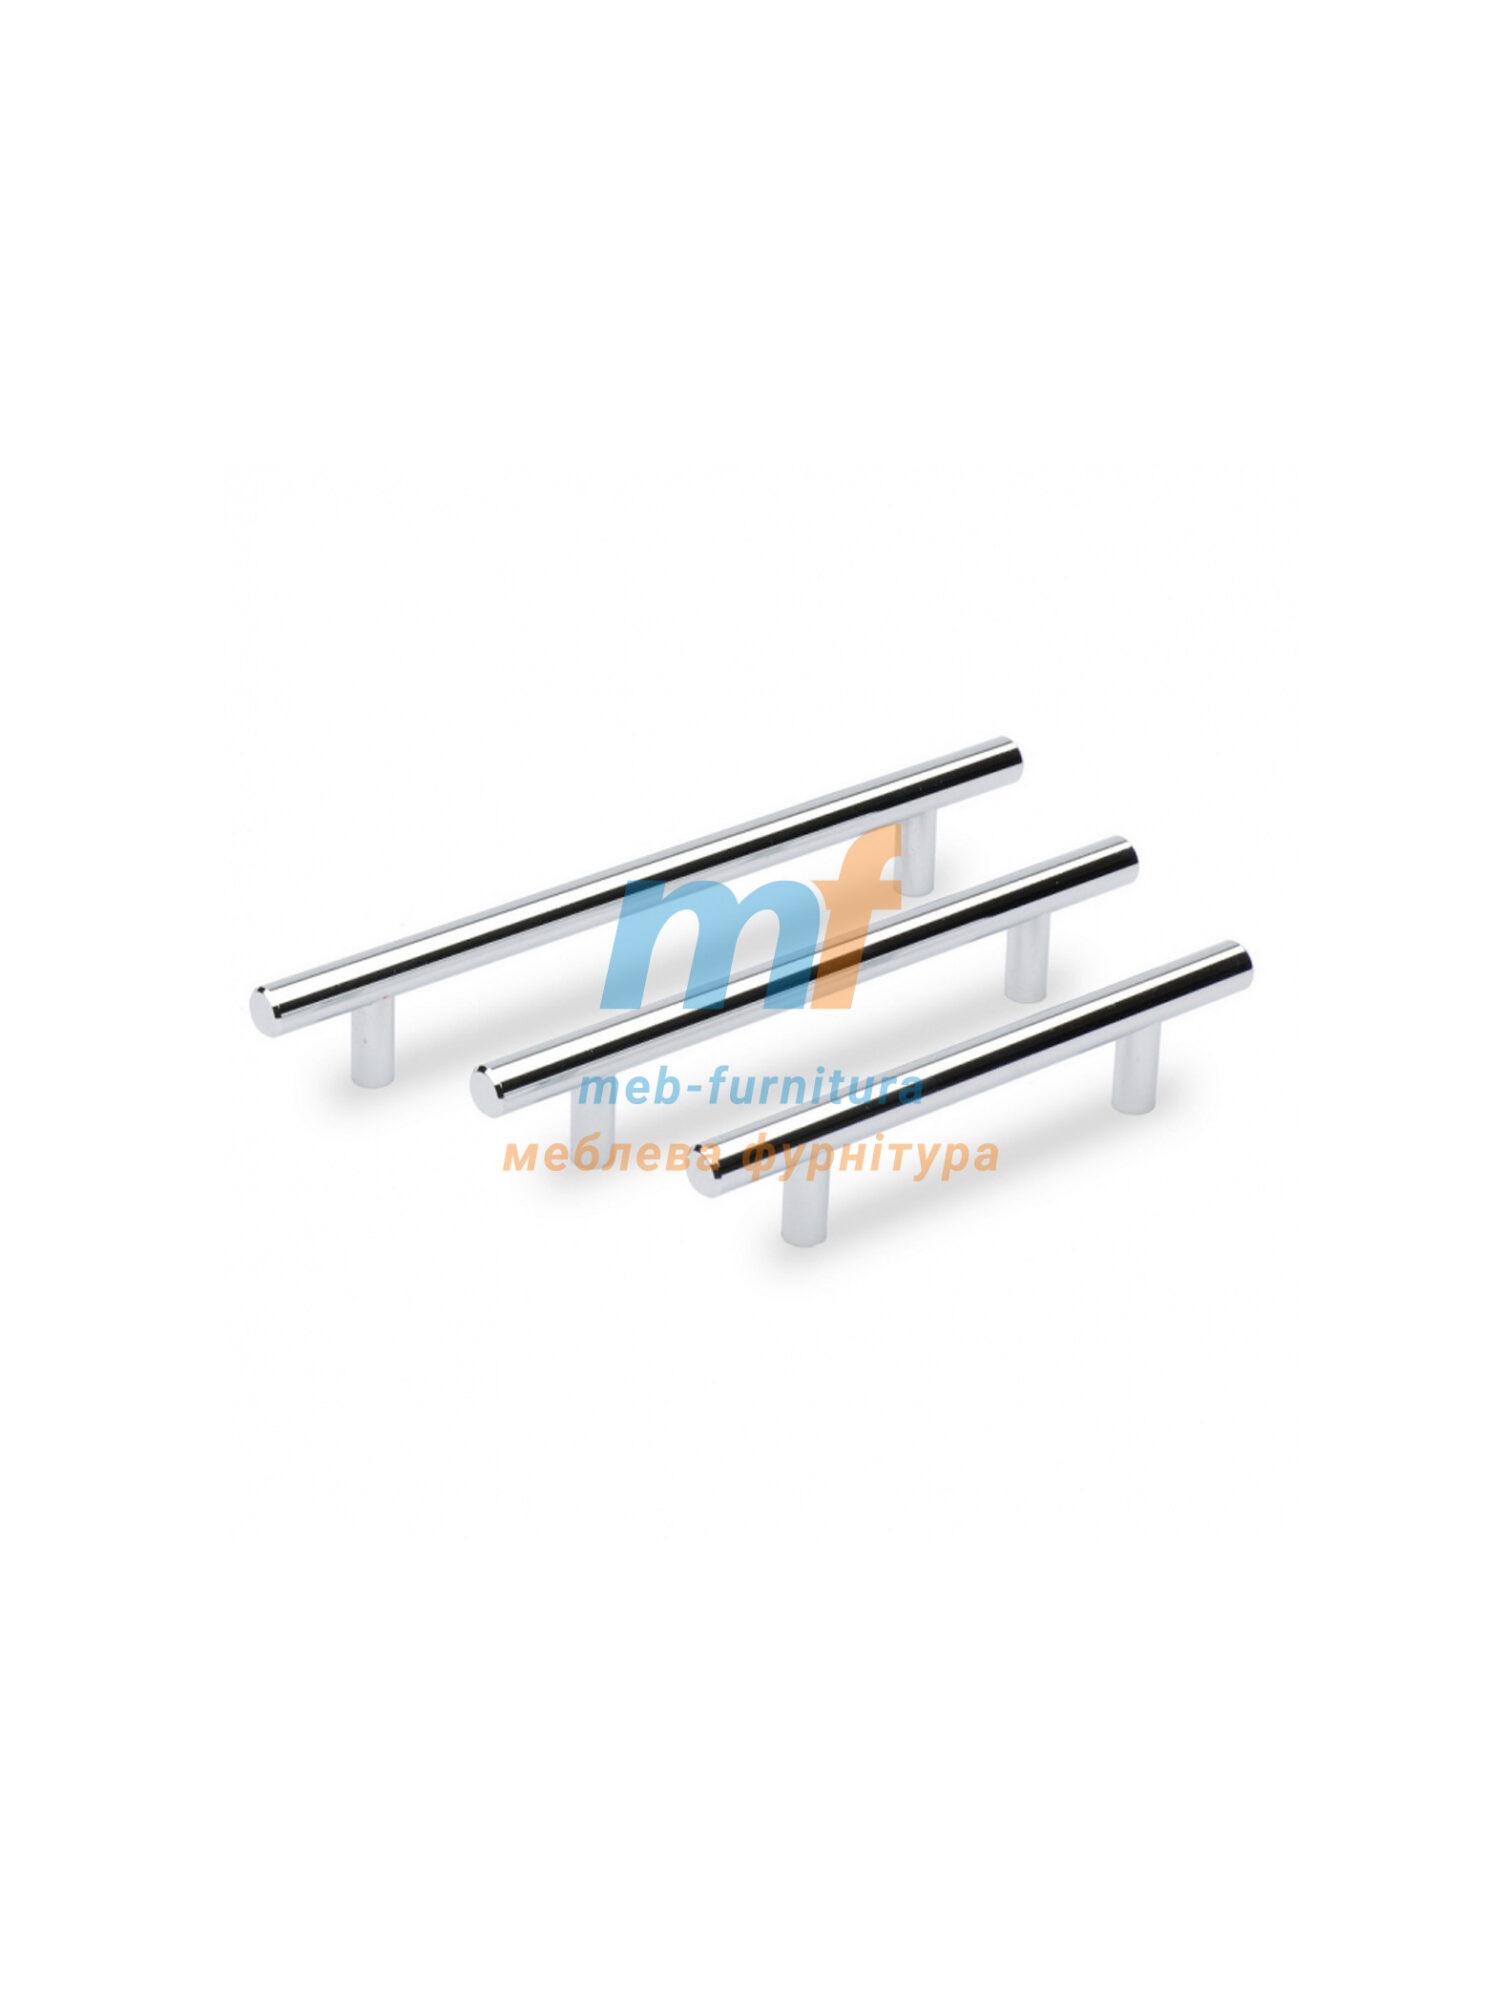 Ручка мебельная релинг 288мм - хром